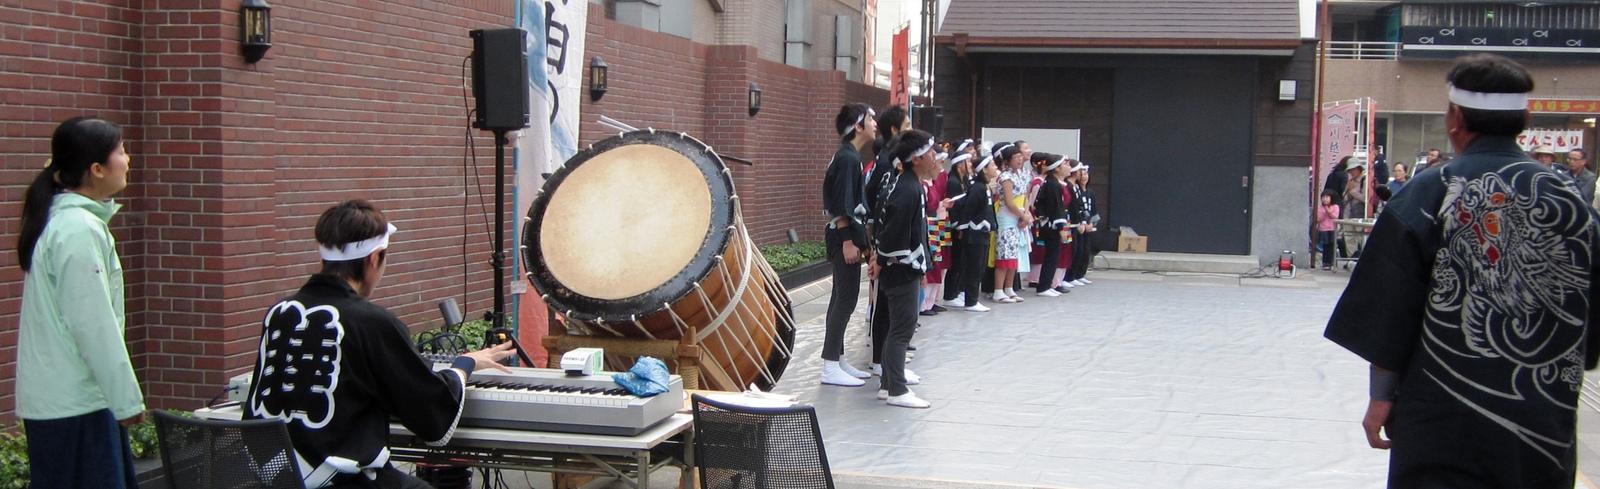 20111103kawagoekouen3007